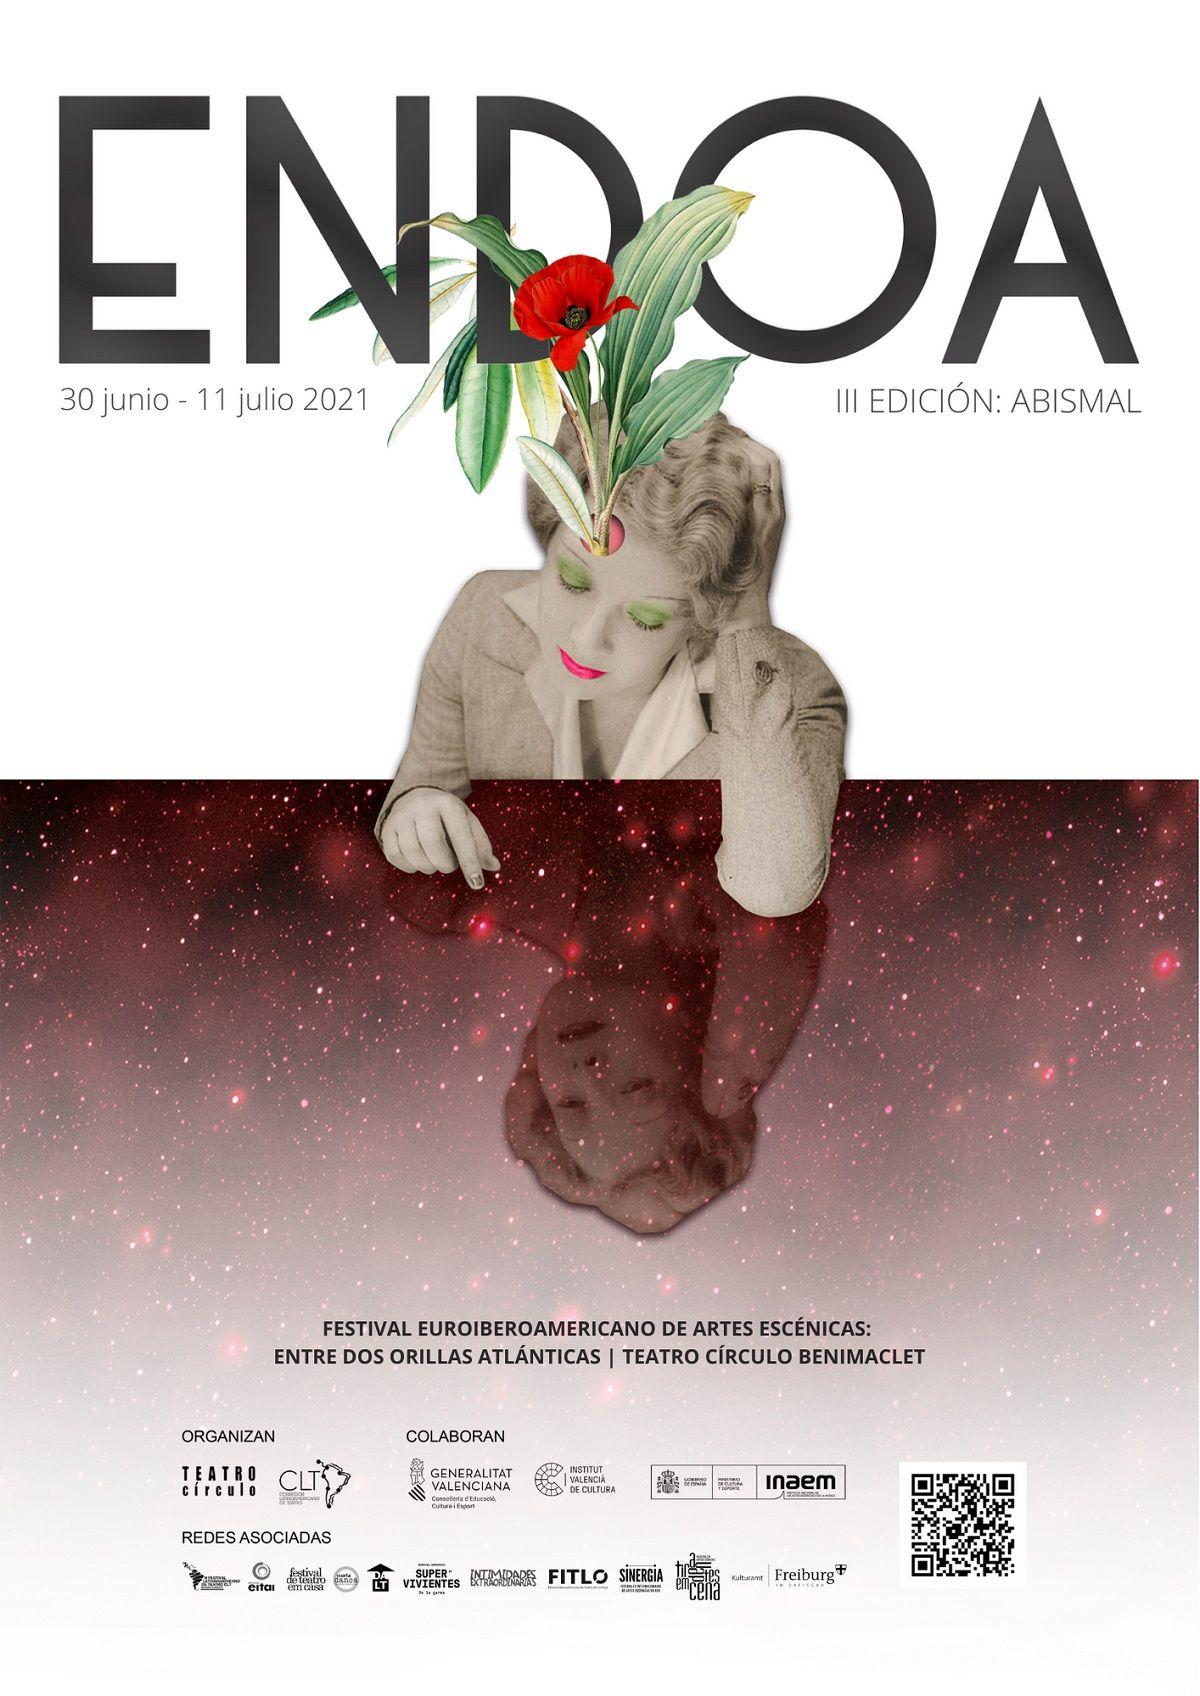 Festival Euroiberoamericano de Artes Escénicas ENDOA (ENtre Dos Orillas Atlánticas) valencia